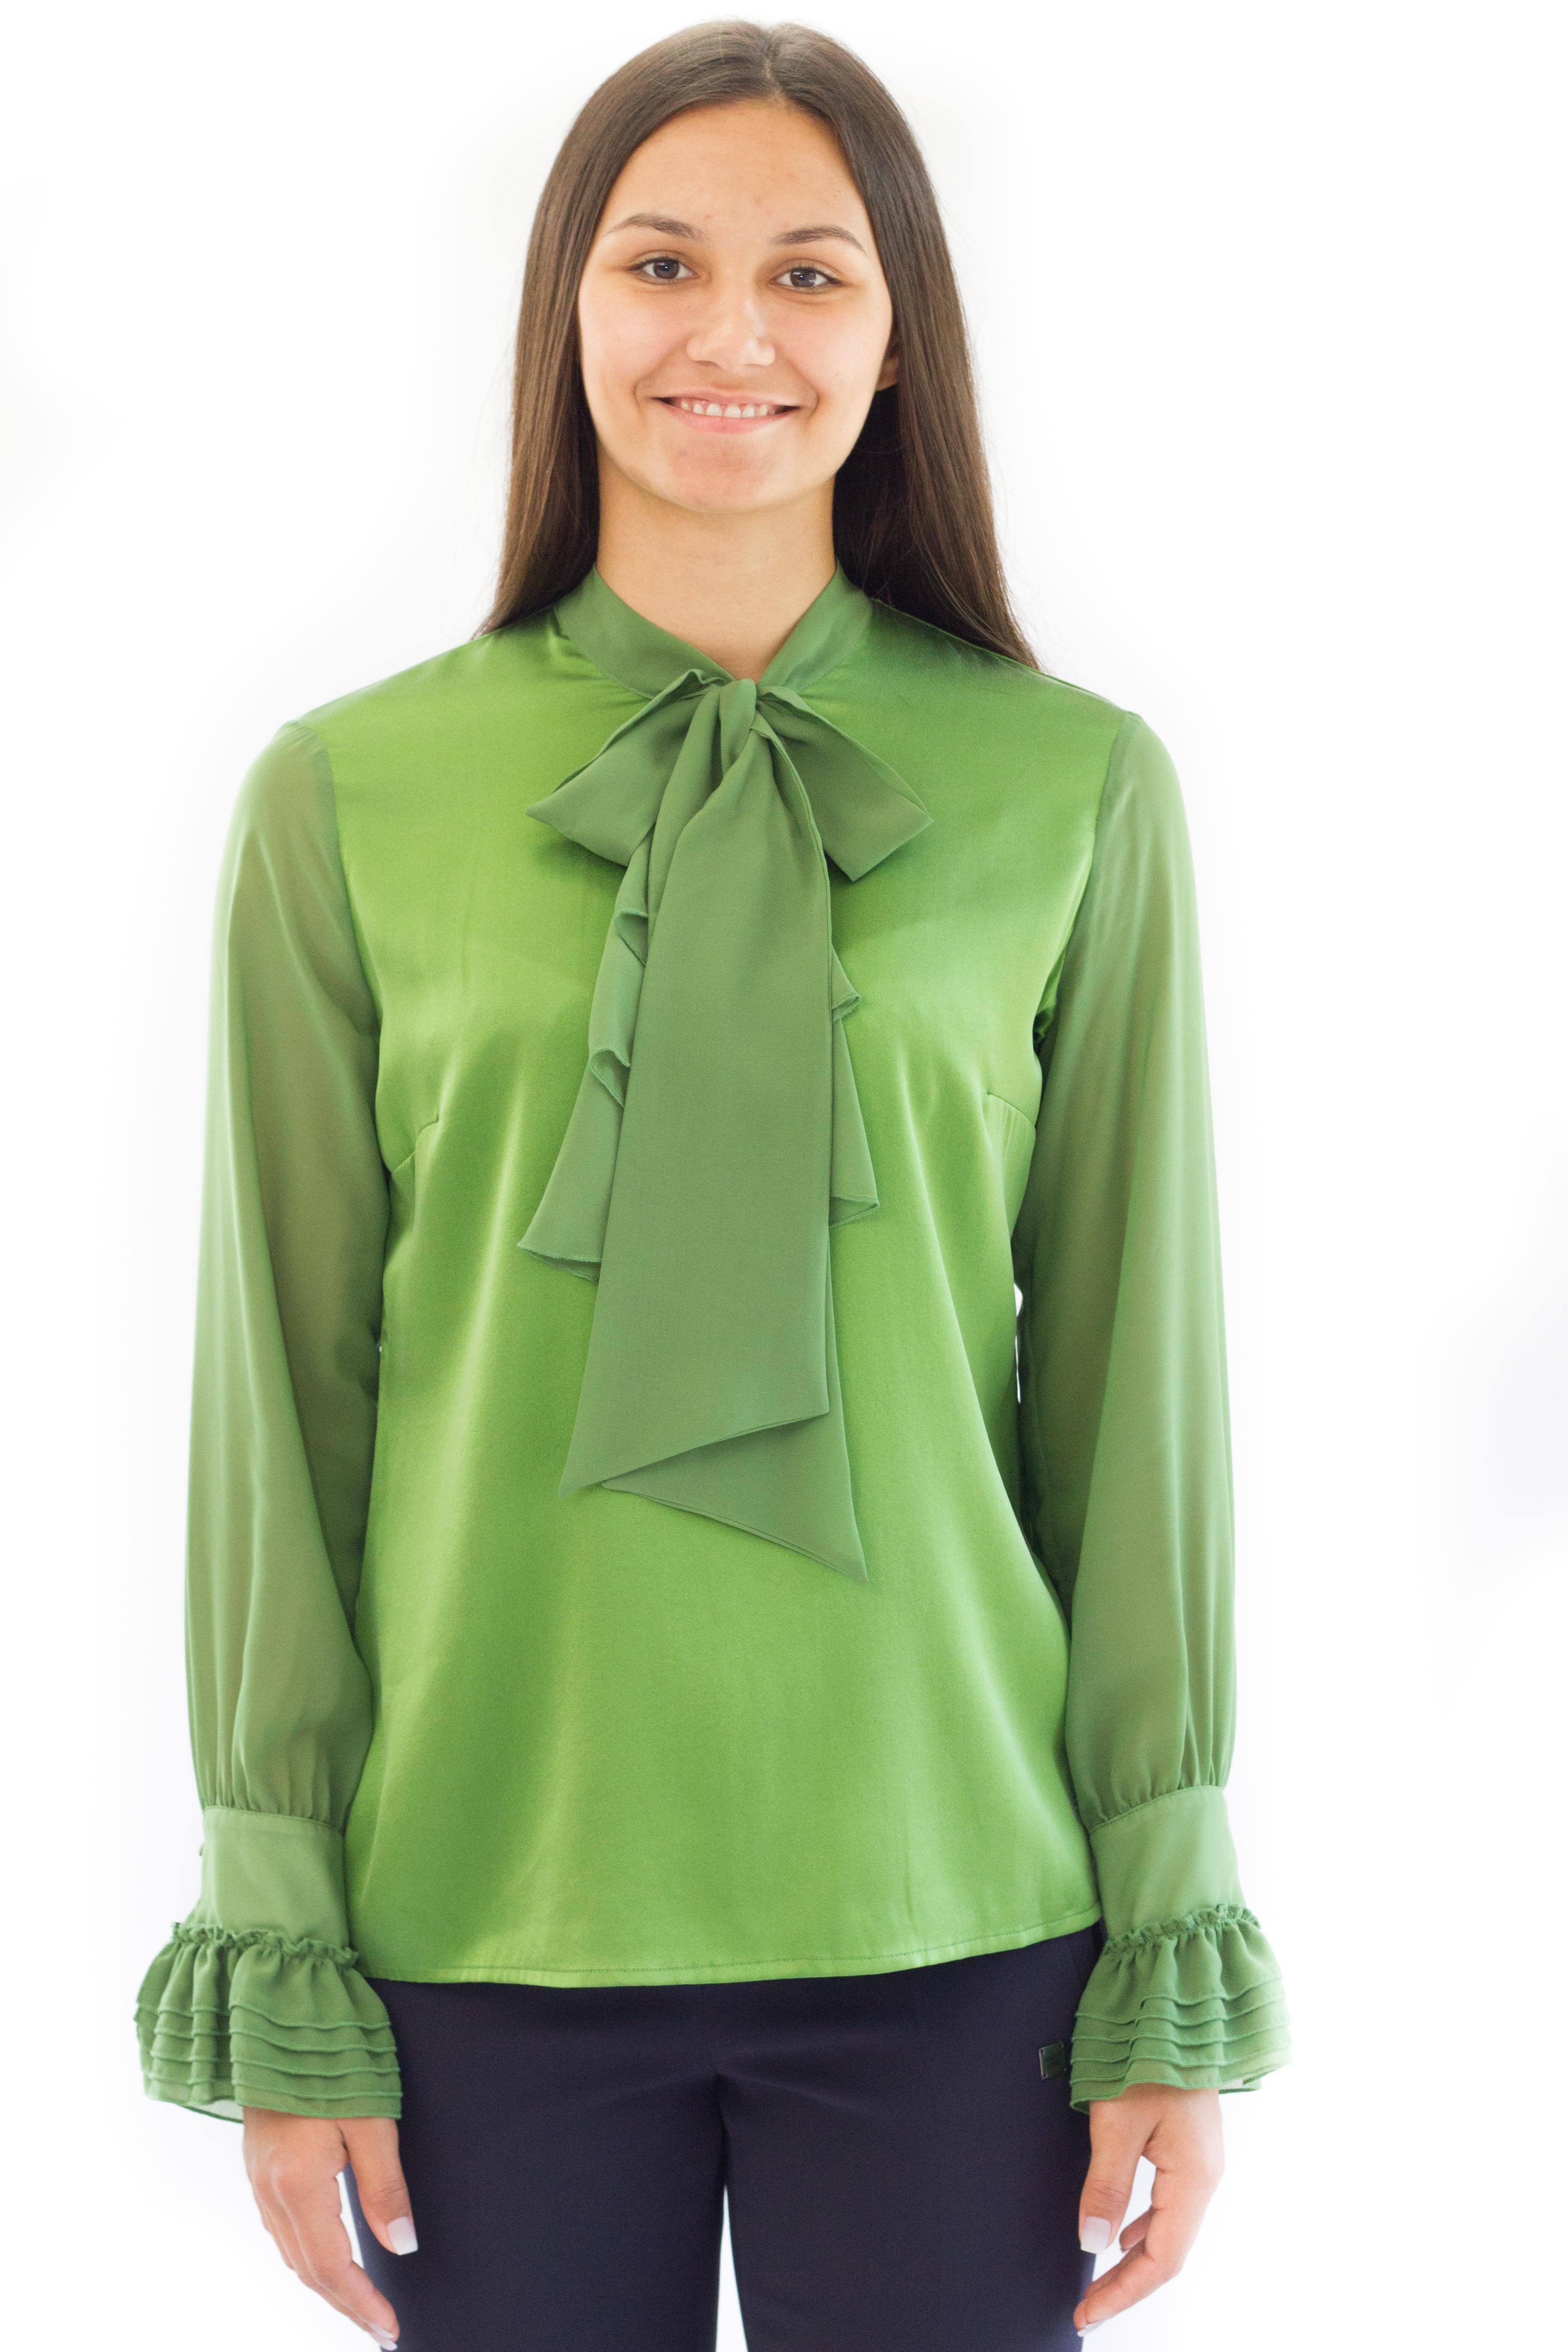 Купить брендовую женскую одежду в интернет-магазине фото — ALANDS